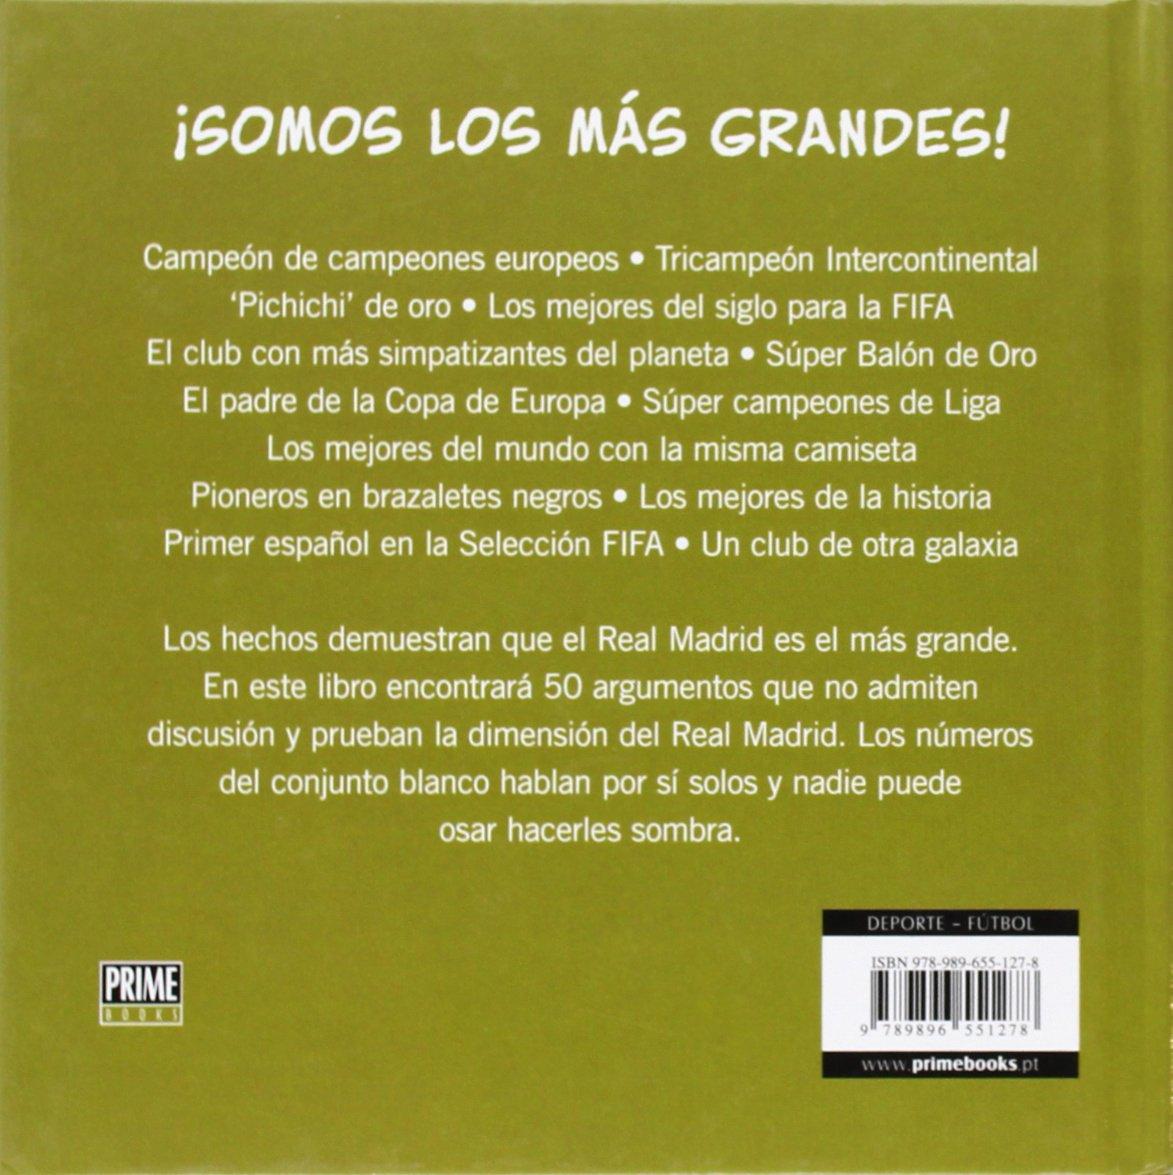 REAL MADRID - SOMOS LOS MA S GRANDES (50 Argumentos Absolutamente Imbatibles): Luis Miguel Pereira, Prime Books, Ricardo Galvao: 9789896551278: Amazon.com: ...